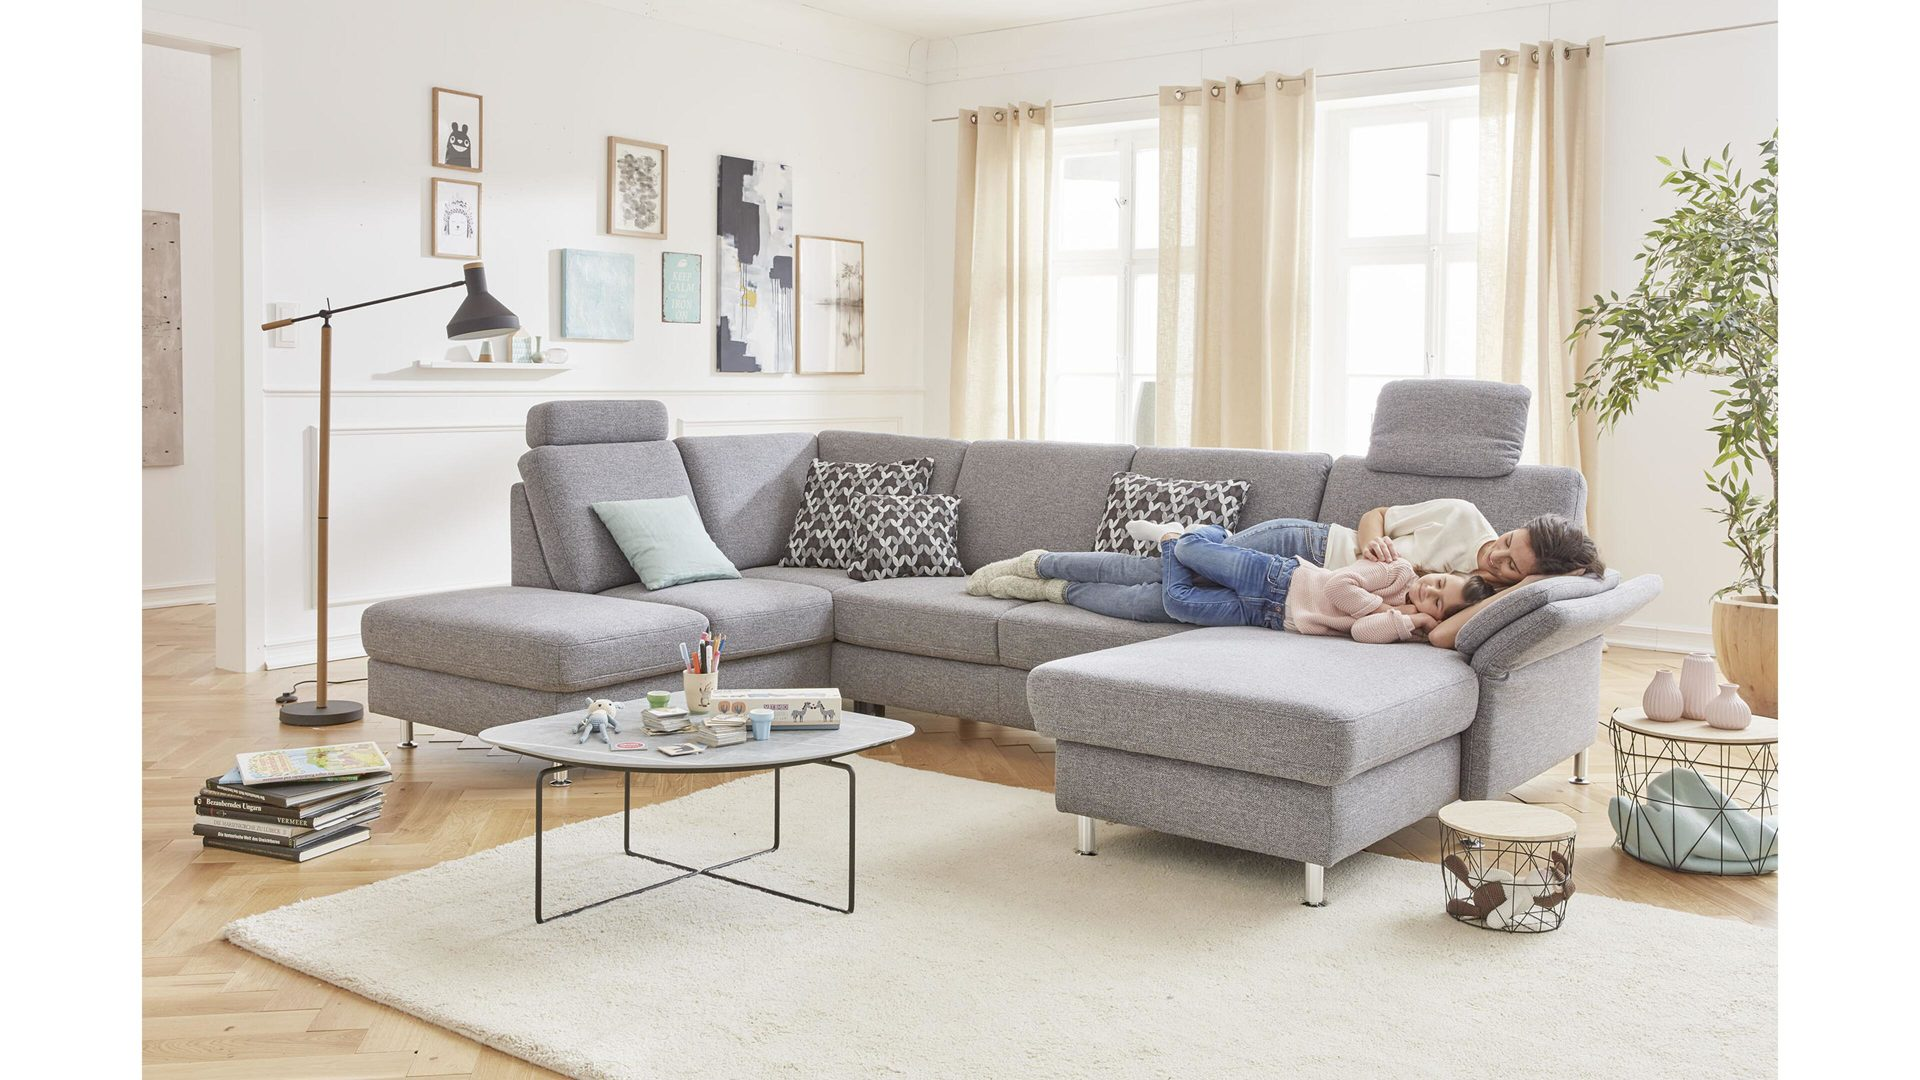 Möbel Boer Coesfeld, Räume, Wohnzimmer, Sofas + Couches, Modulmaster ...